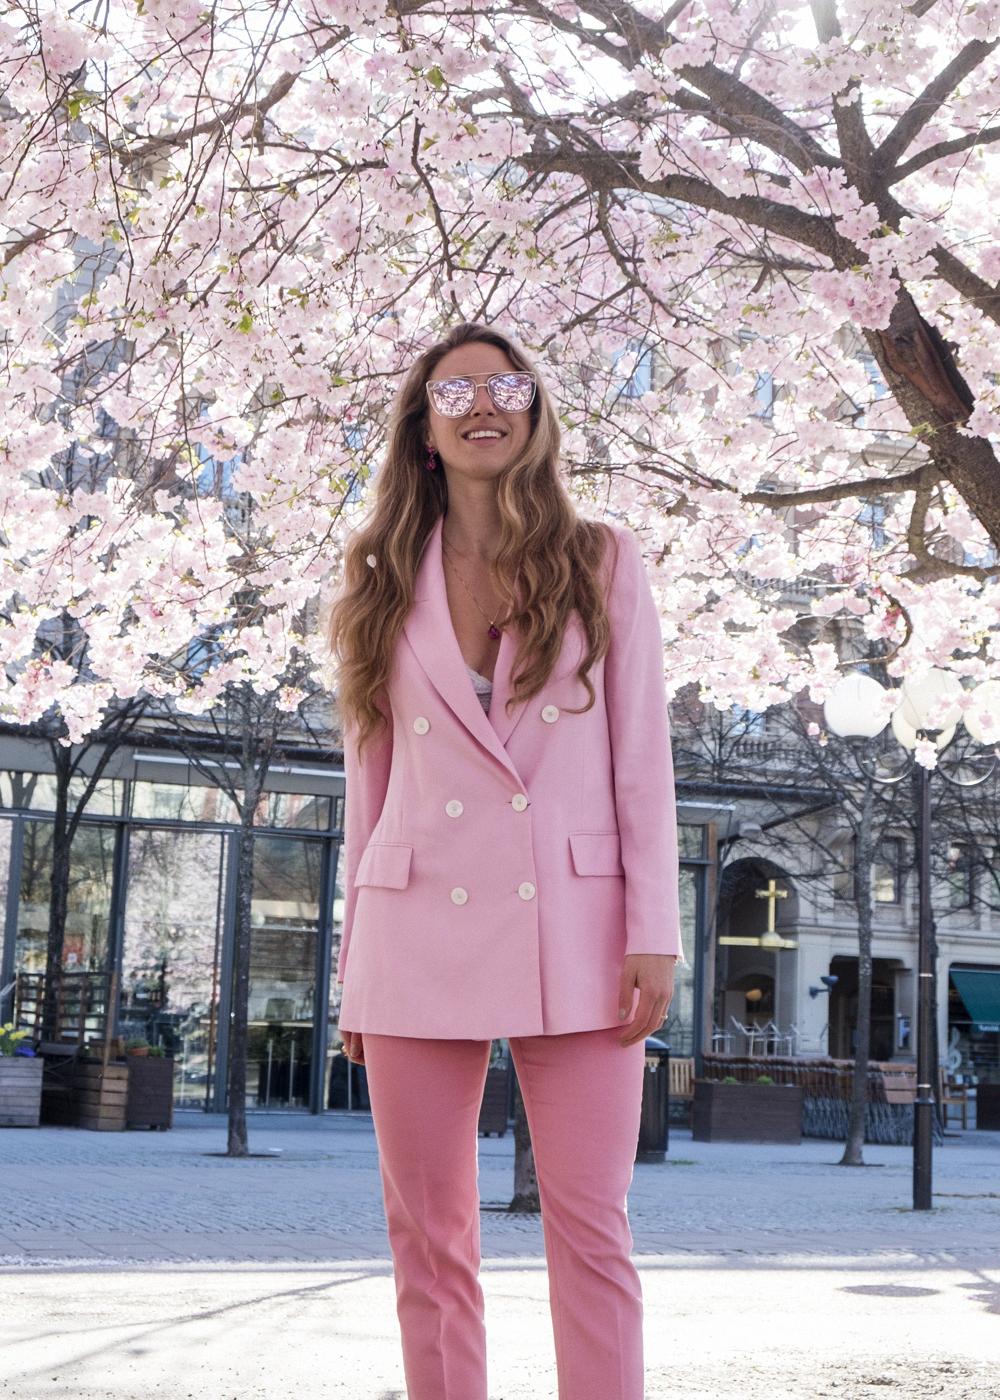 Angelica strålar i bubbelgumsrosa kavaj & byxor från ZARA